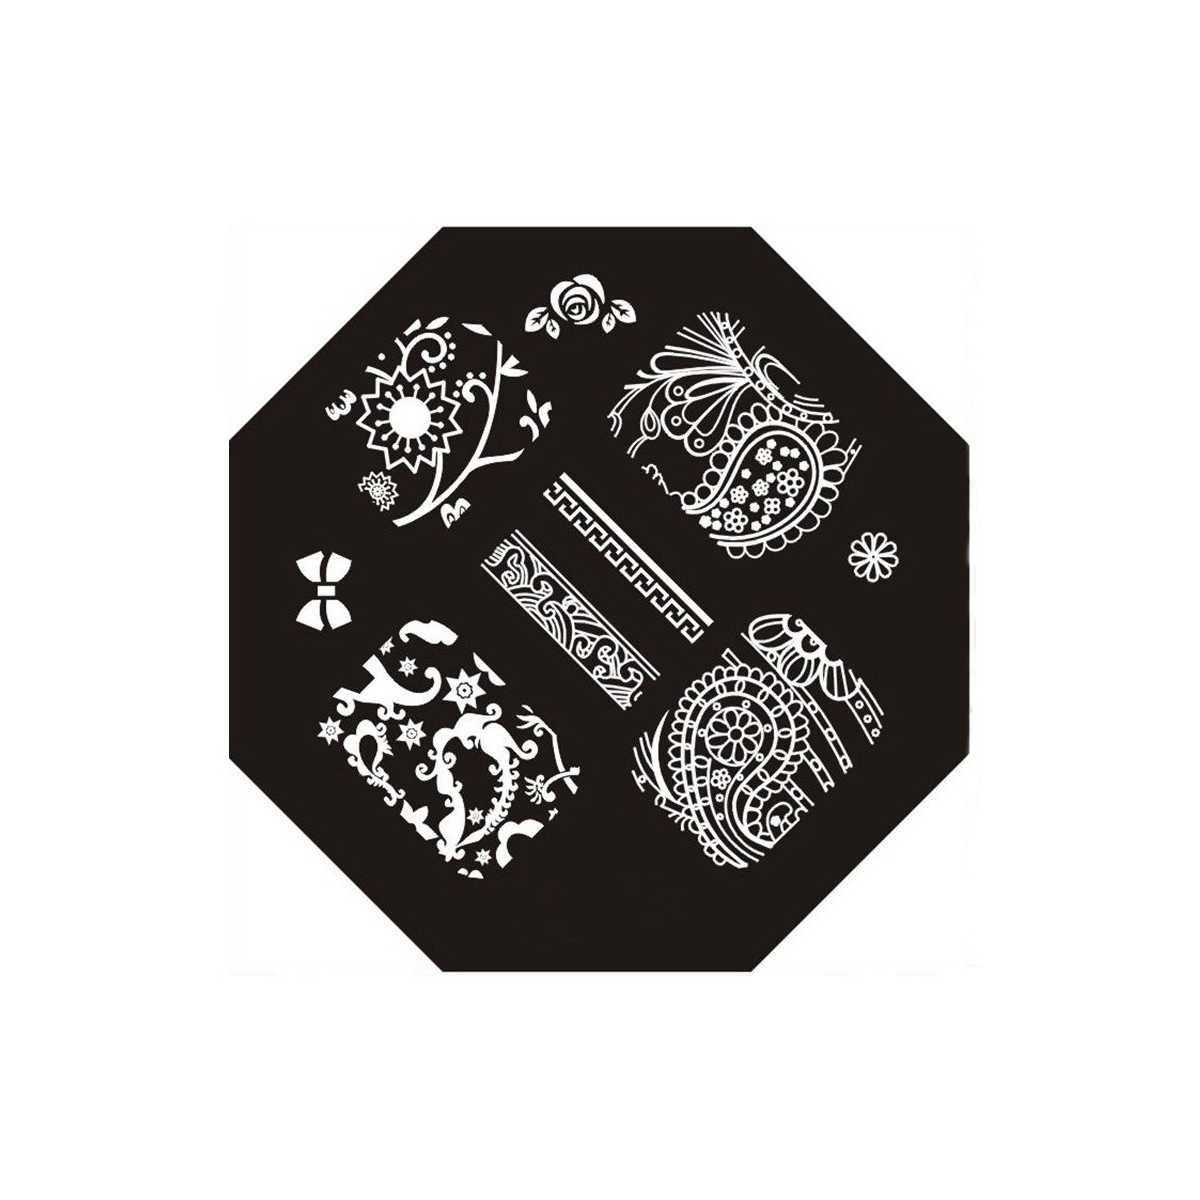 https://www.kit-manucure.com/657-thickbox_default/plaque-de-stamping-arabesque-fleur-et-noeud.jpg